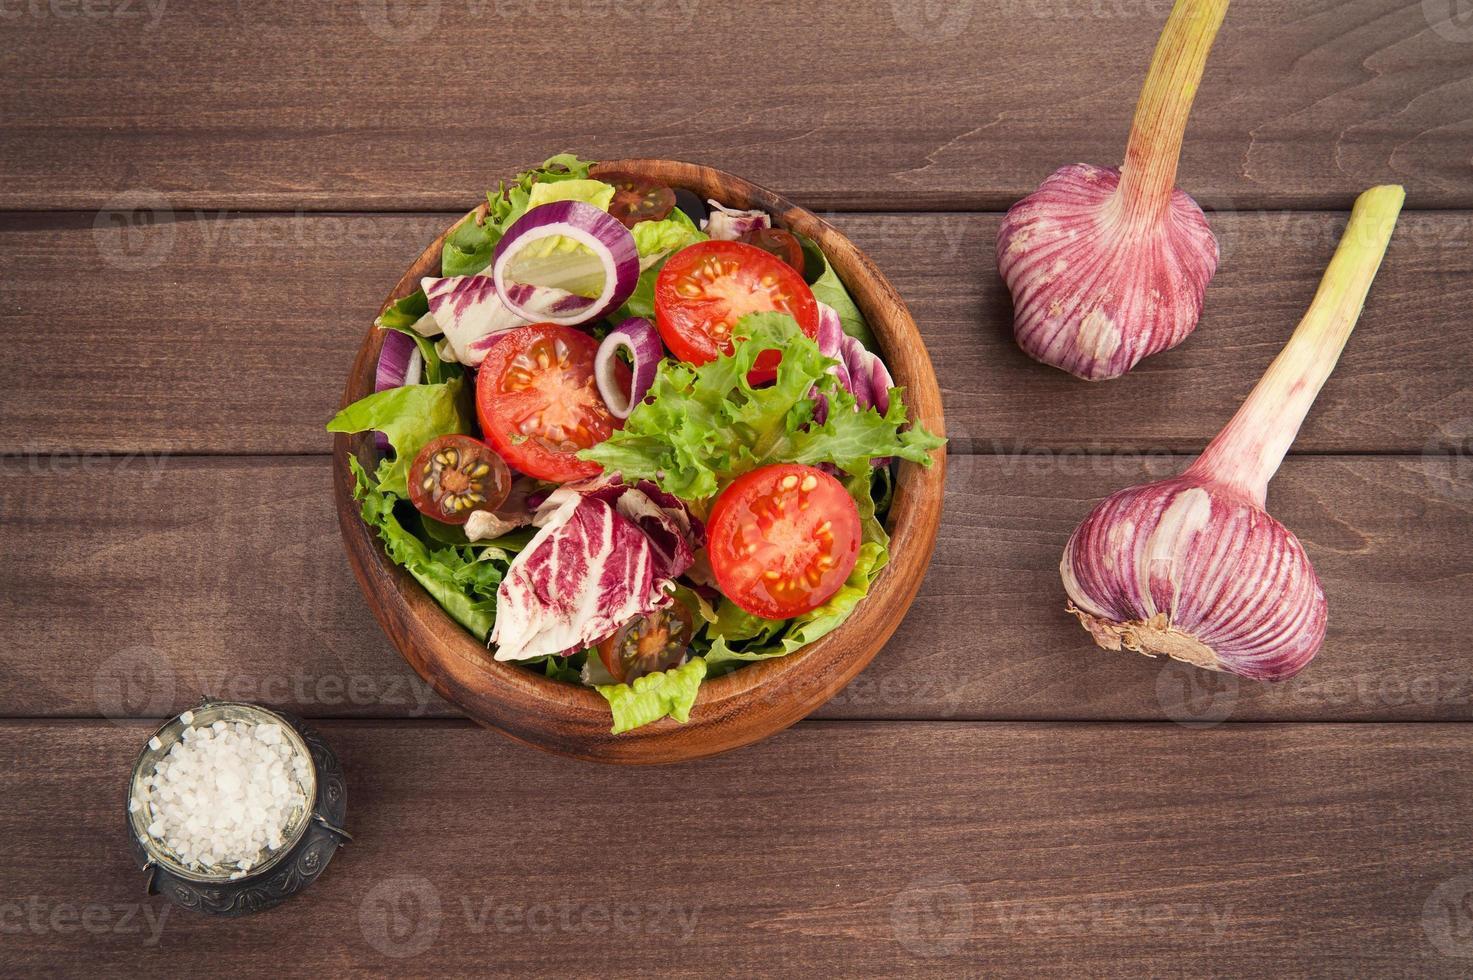 insalata di verdure in ciotola foto